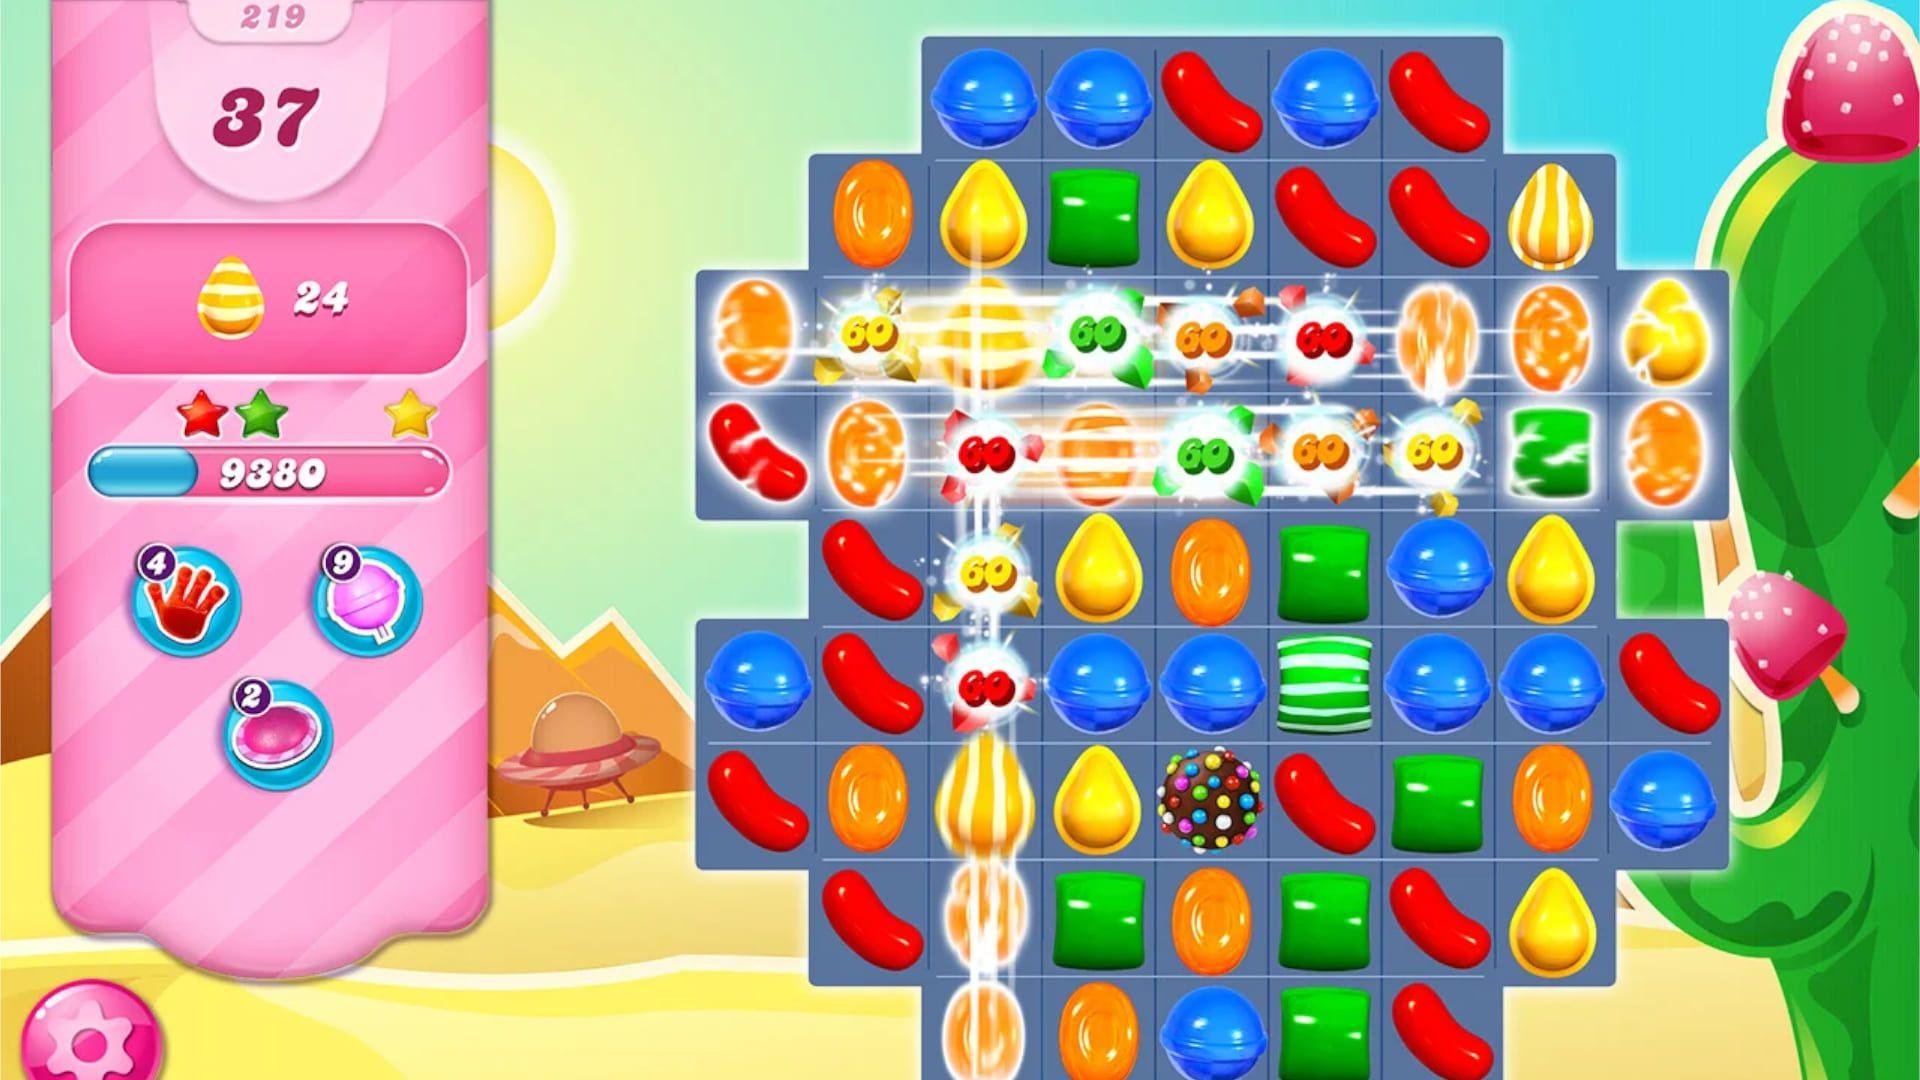 Print do jogo Candy Crush com balas coloridas em destaque